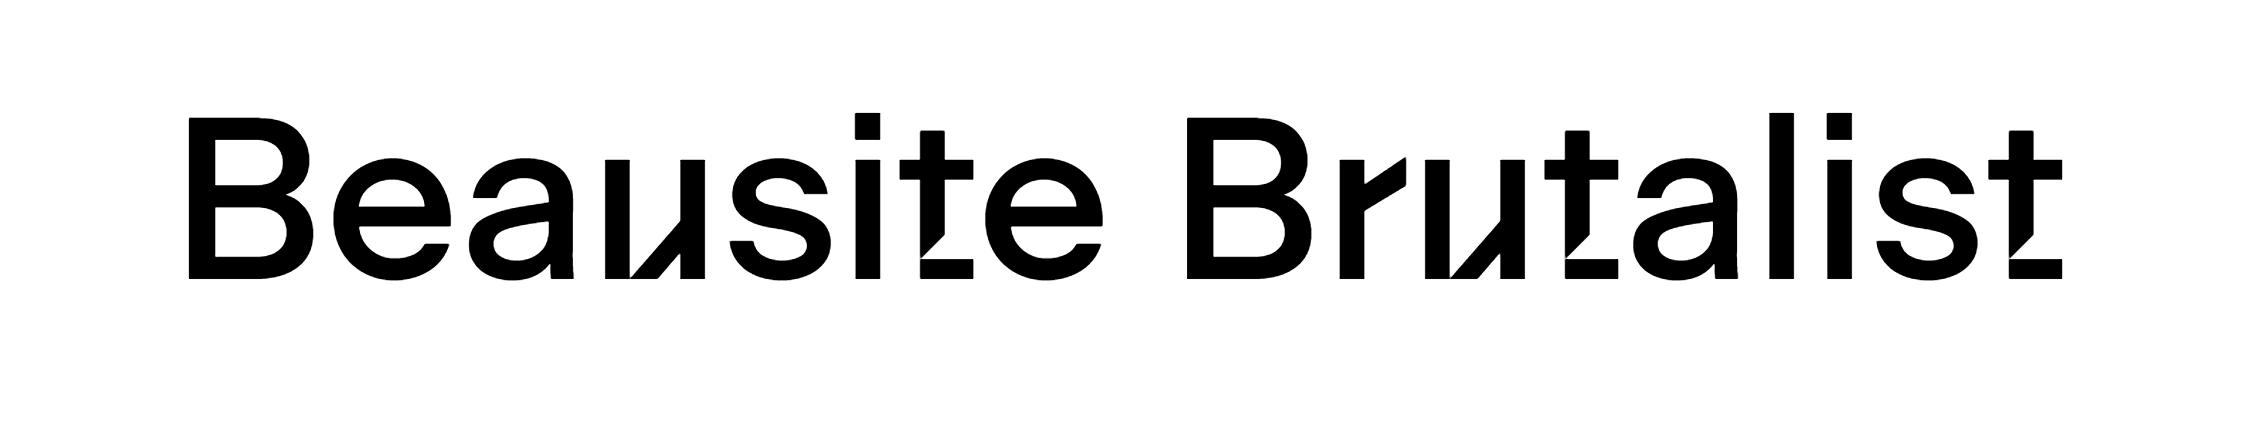 Beausite Brutalist